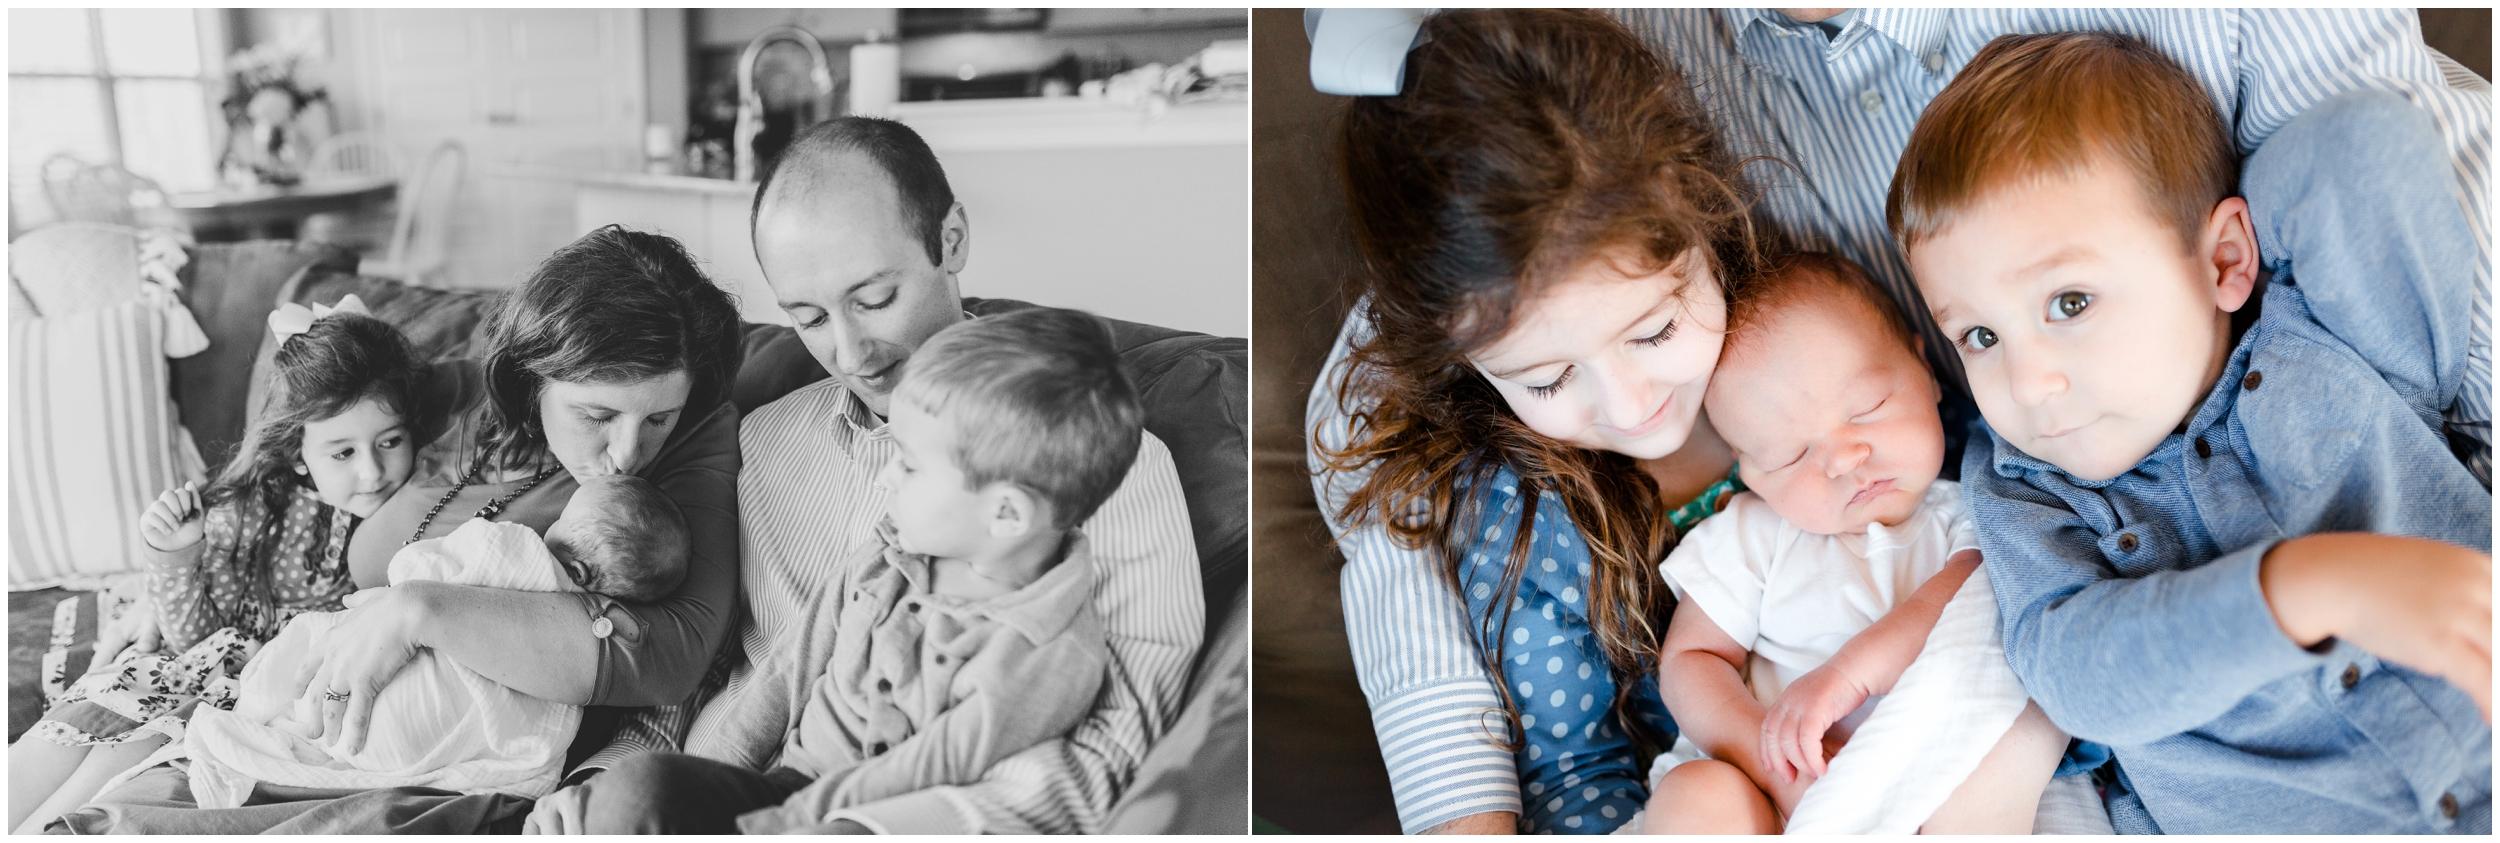 lexington-ky-family-lifestyle-photography-Priscilla-Baierlein-Photography_0215.jpg